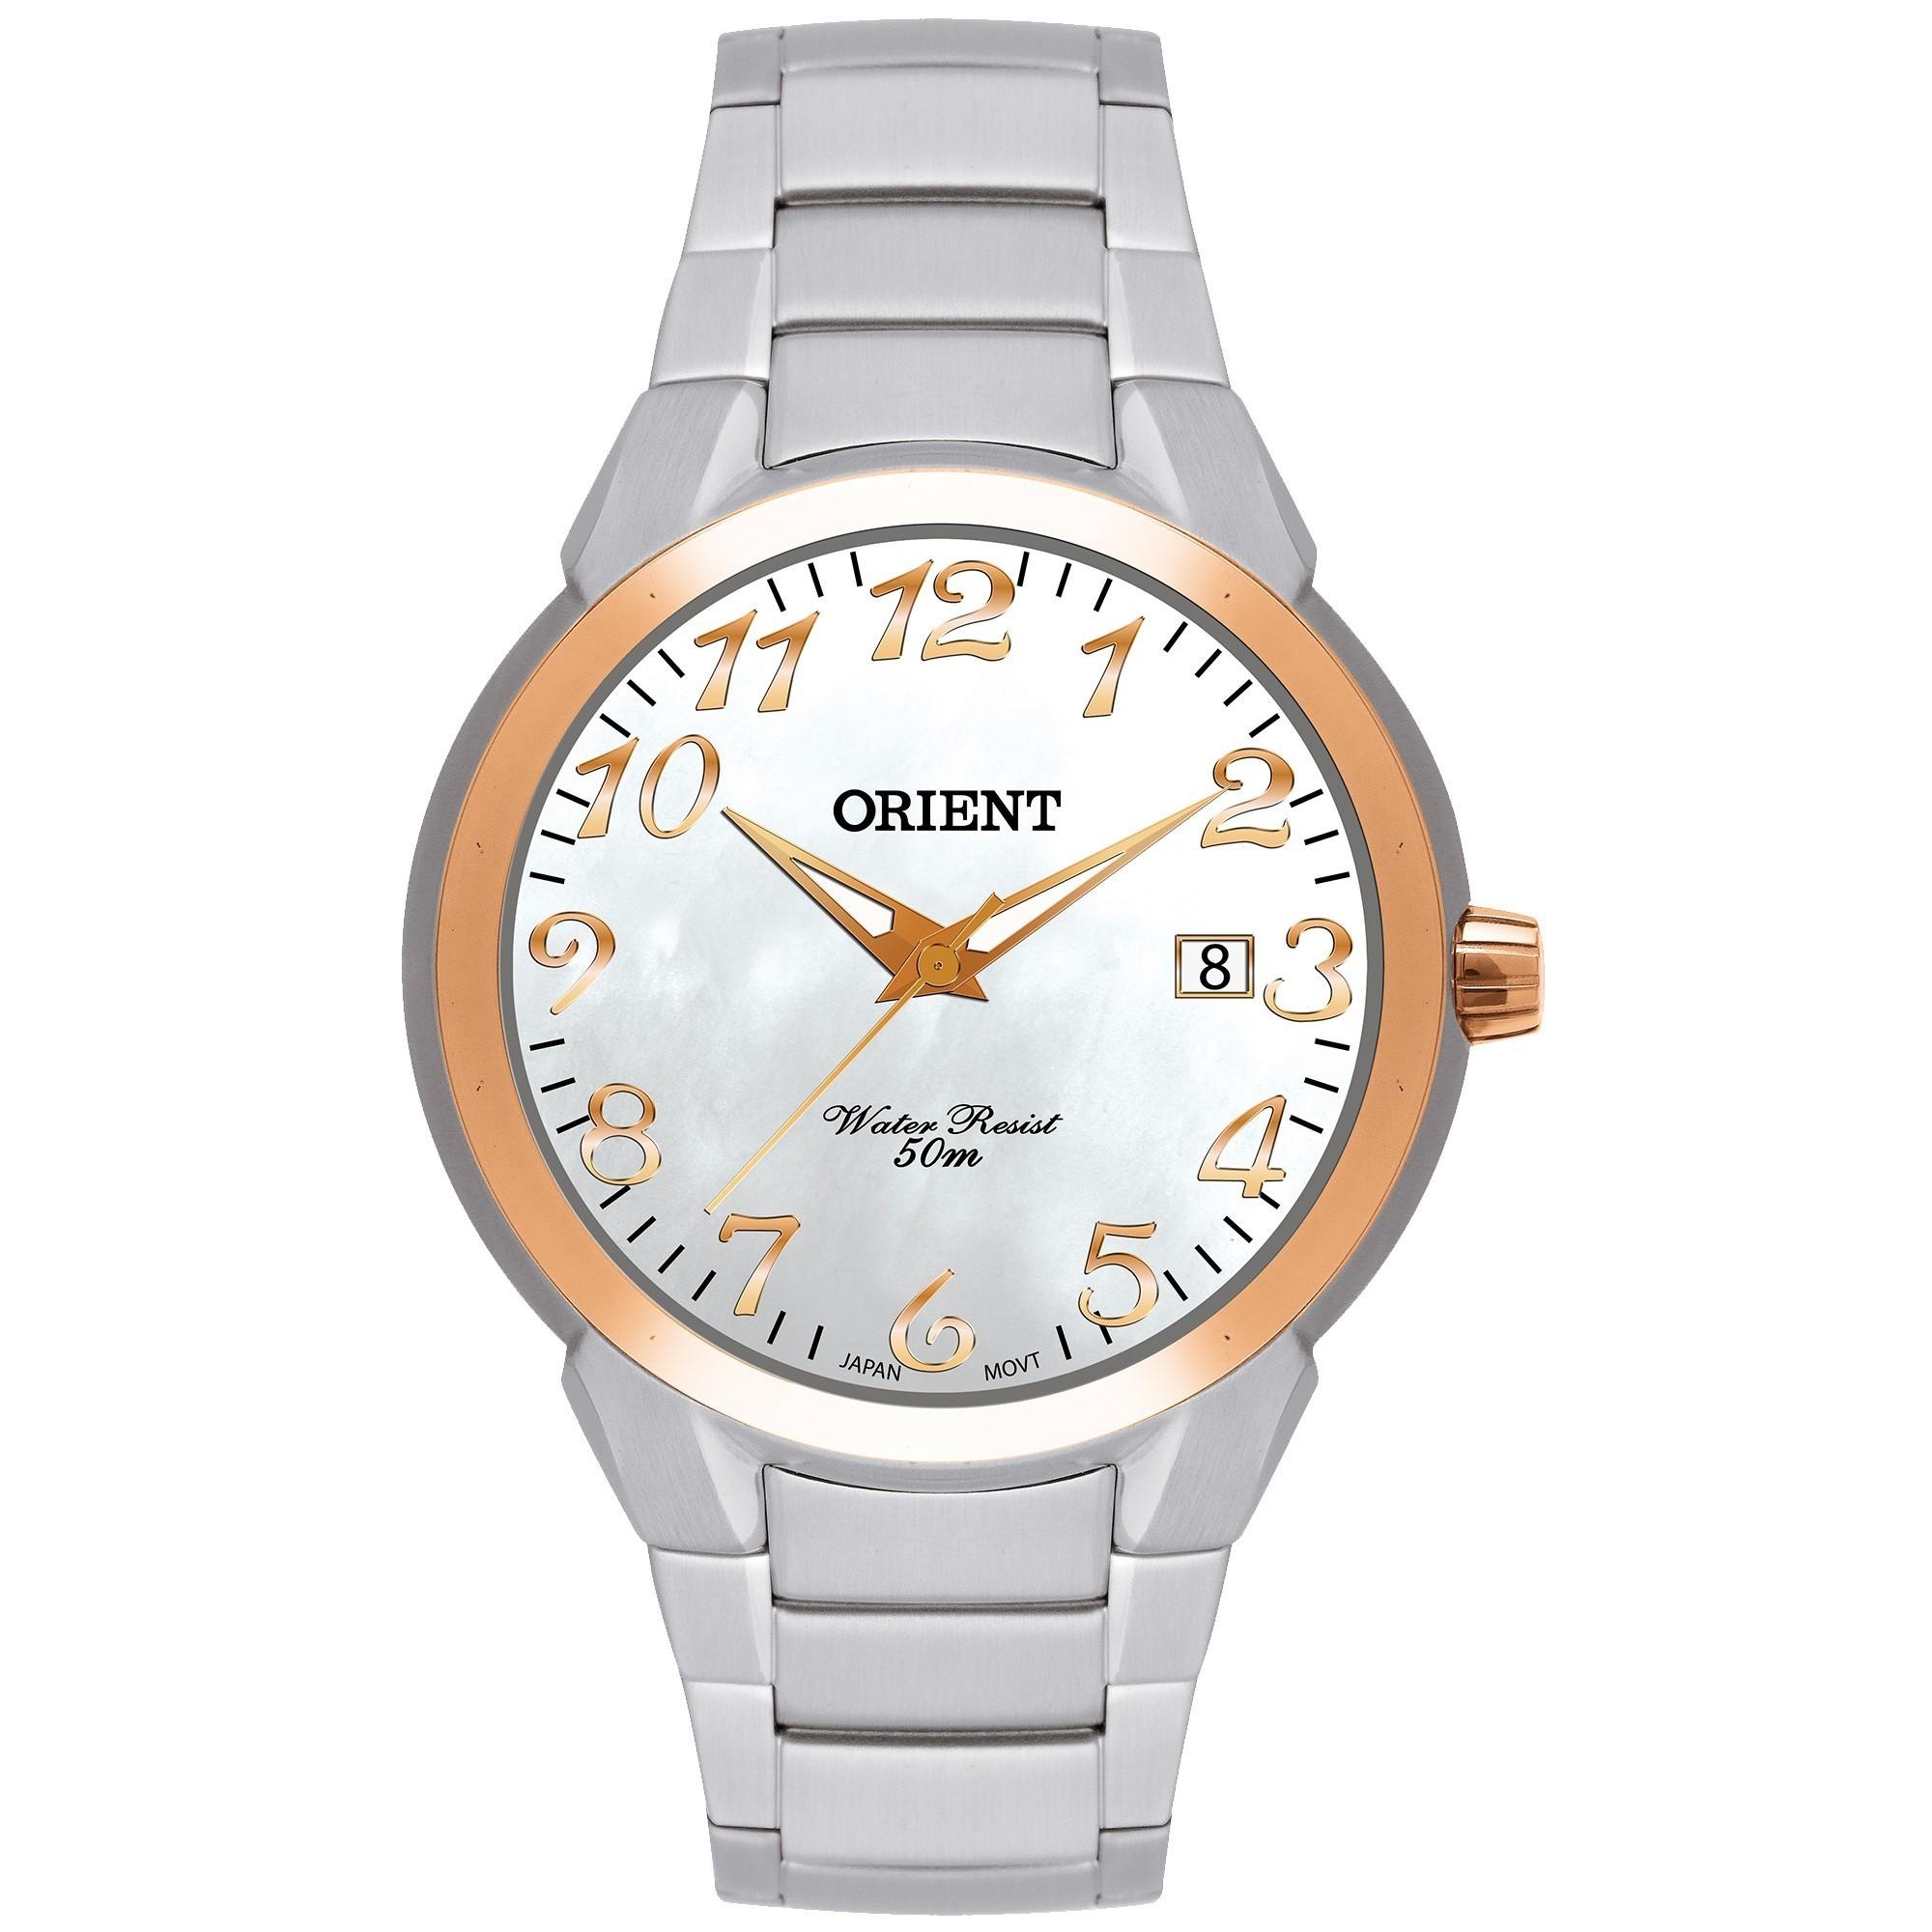 Relógio Orient Feminino - FTSS1065 B2SX  - Dumont Online - Joias e Relógios